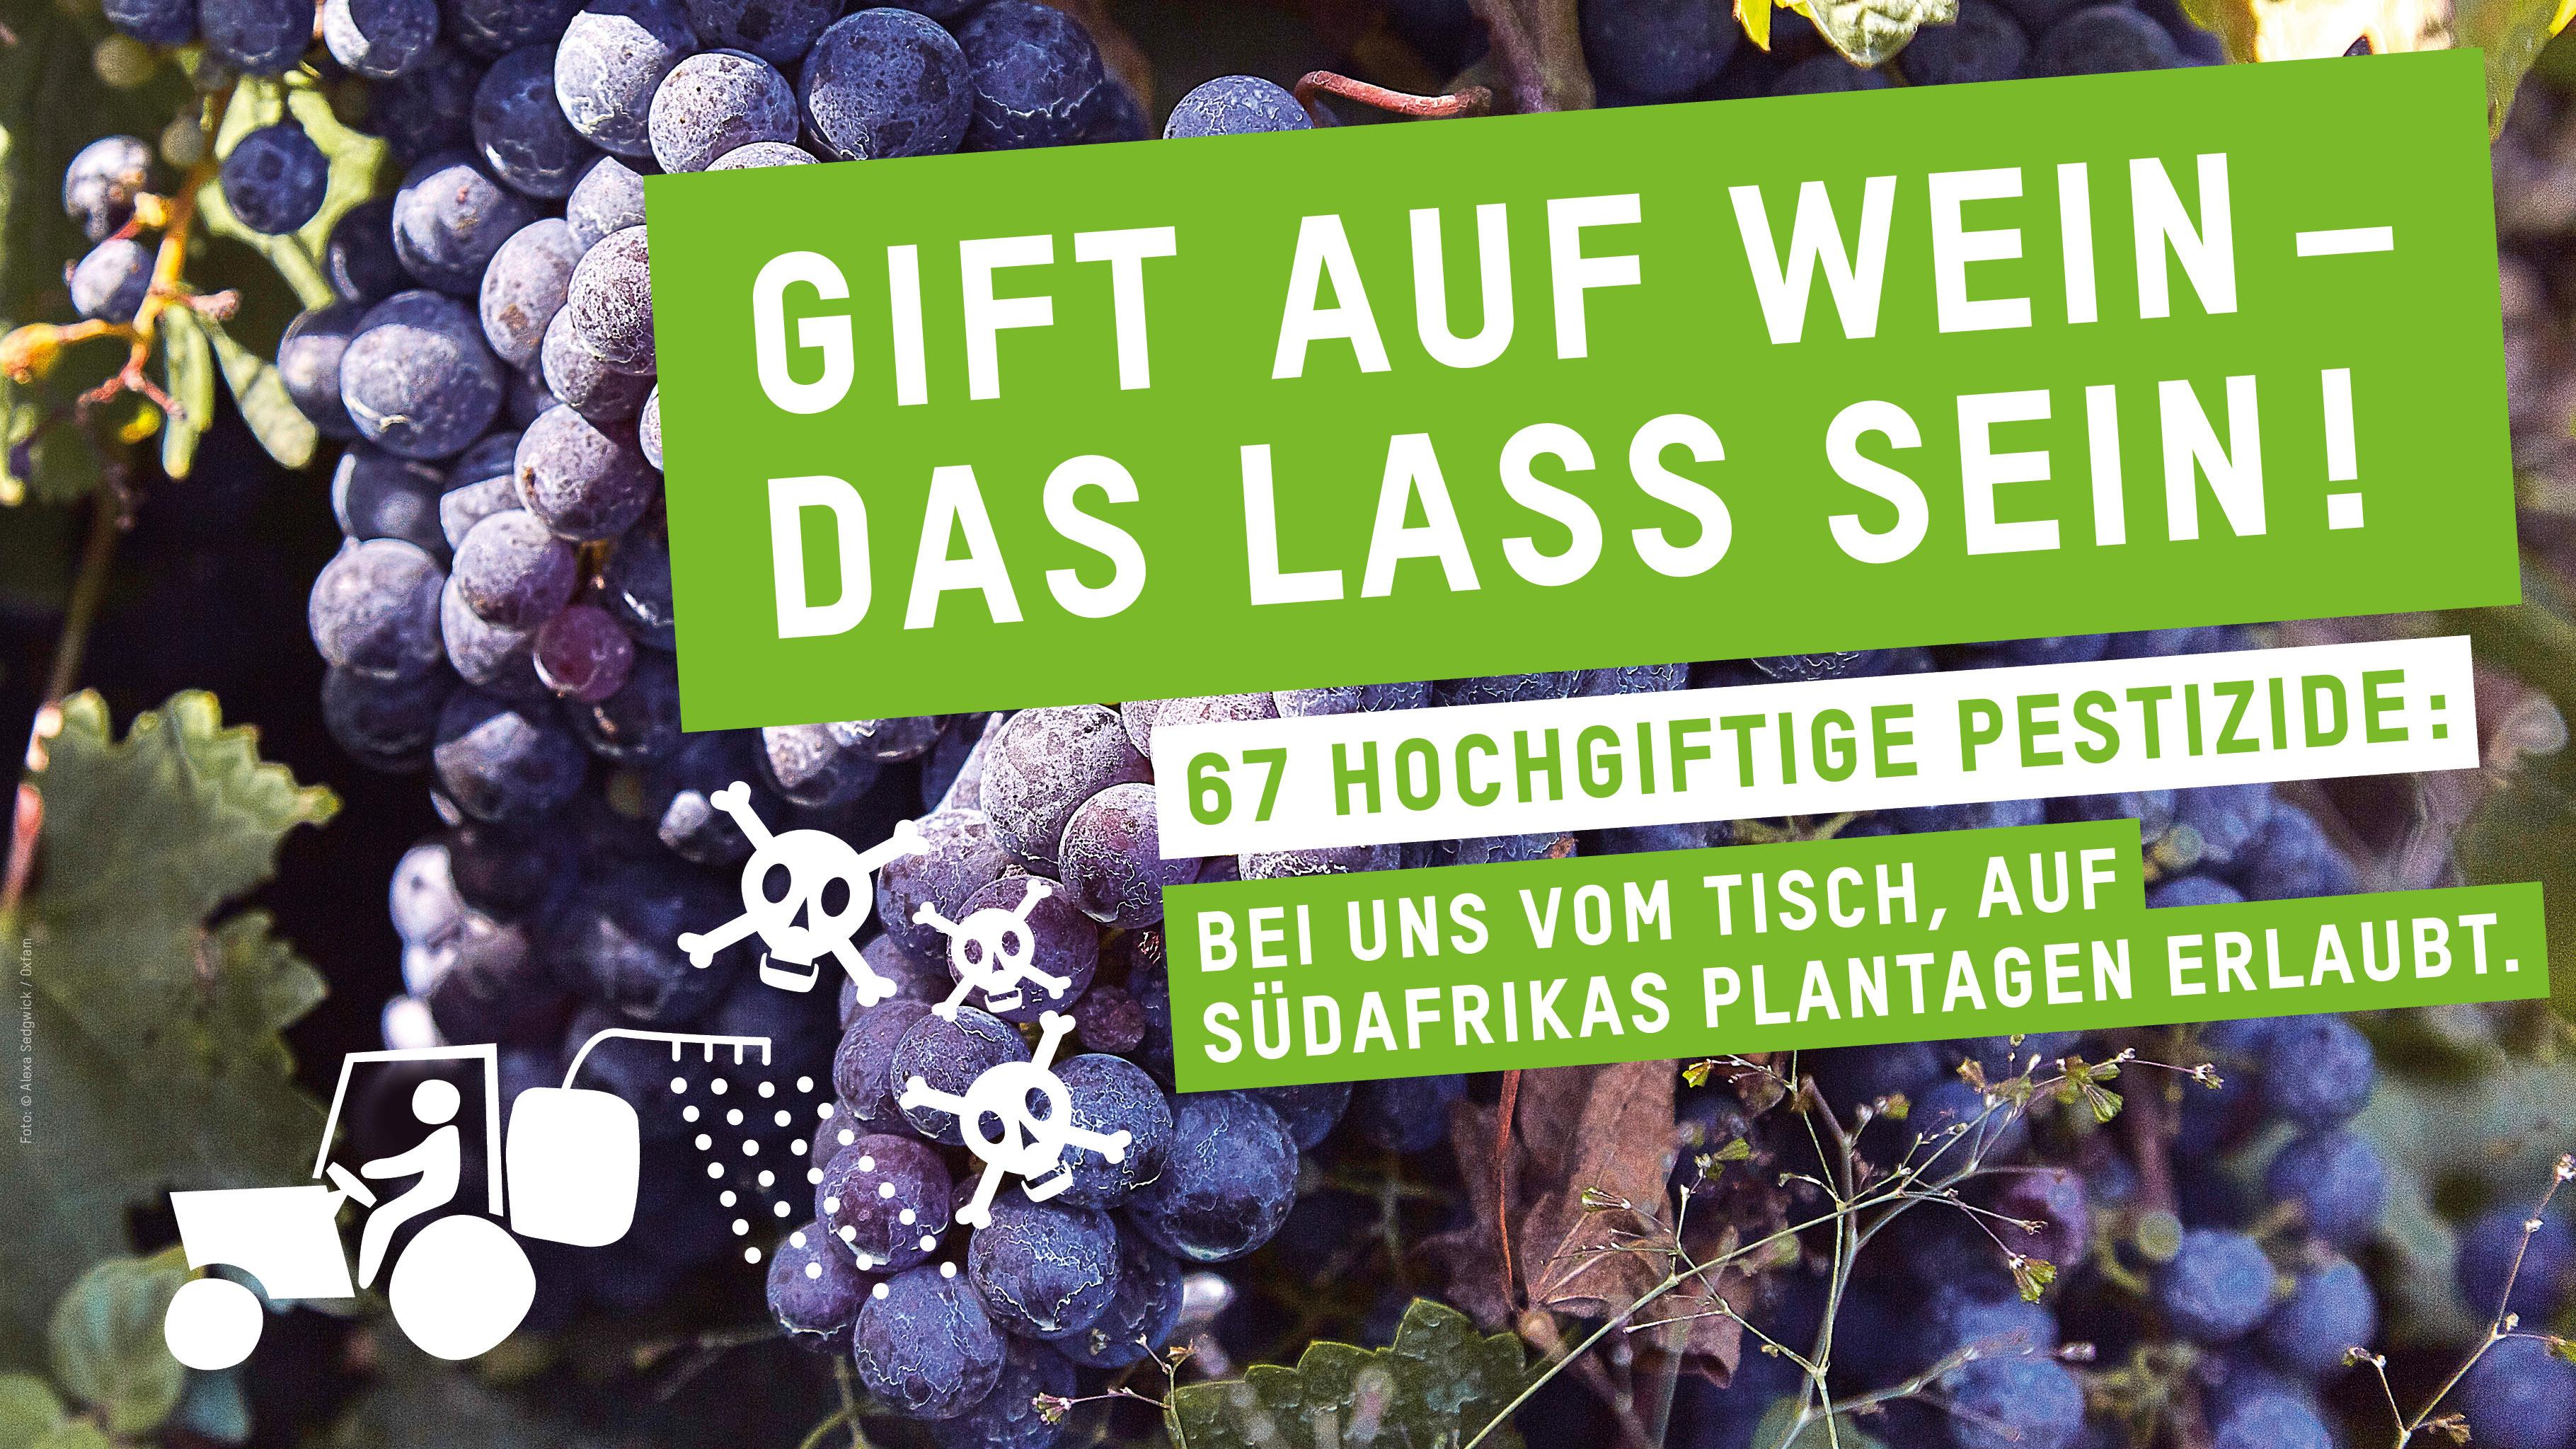 Oxfams Kampagne 2019: Gift auf Wein – das lass sein